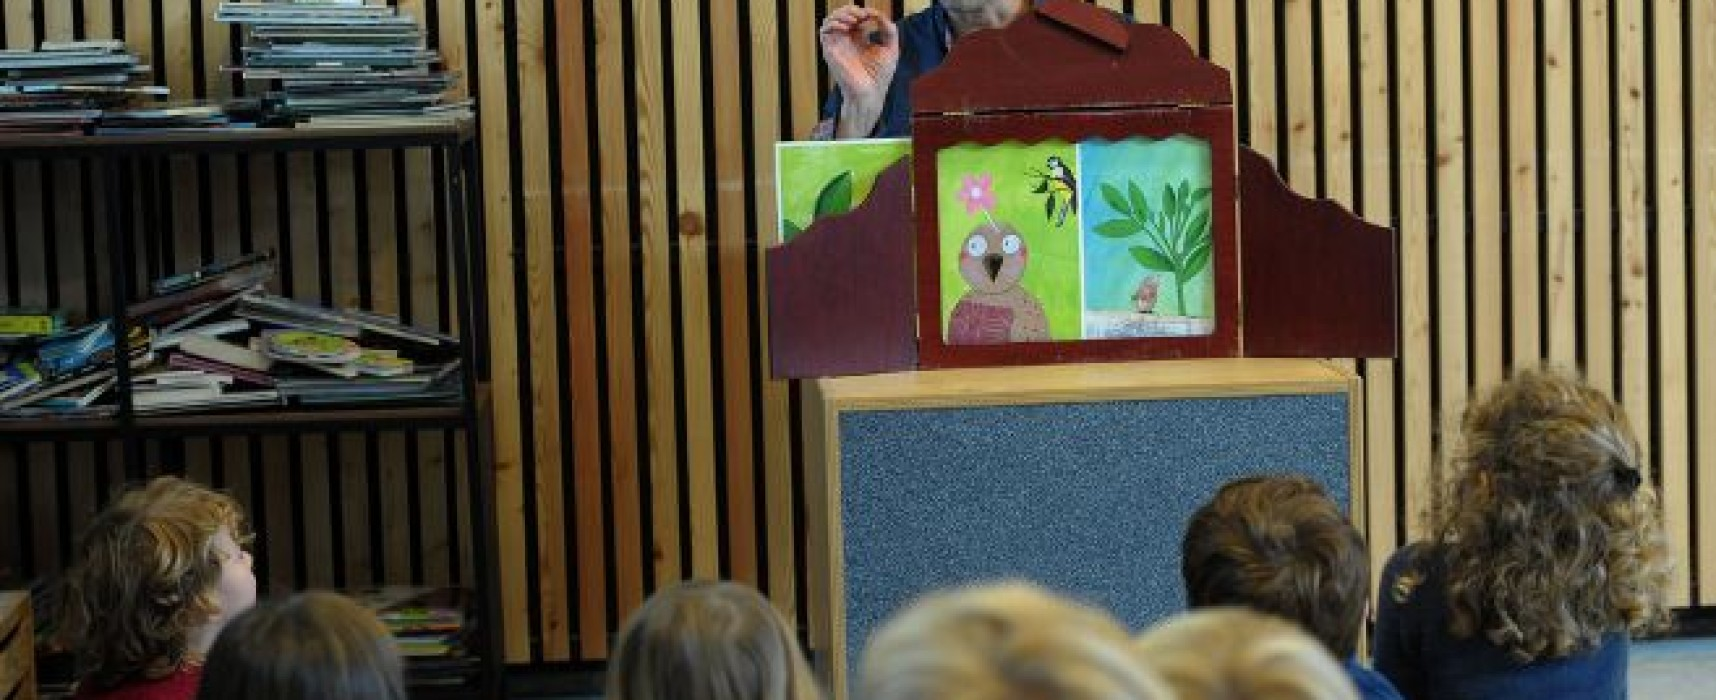 [Revue2Presse] À la piscine d'Aubusson, les enfants plongent… dans les histoires #LaMontagneCentreFrance